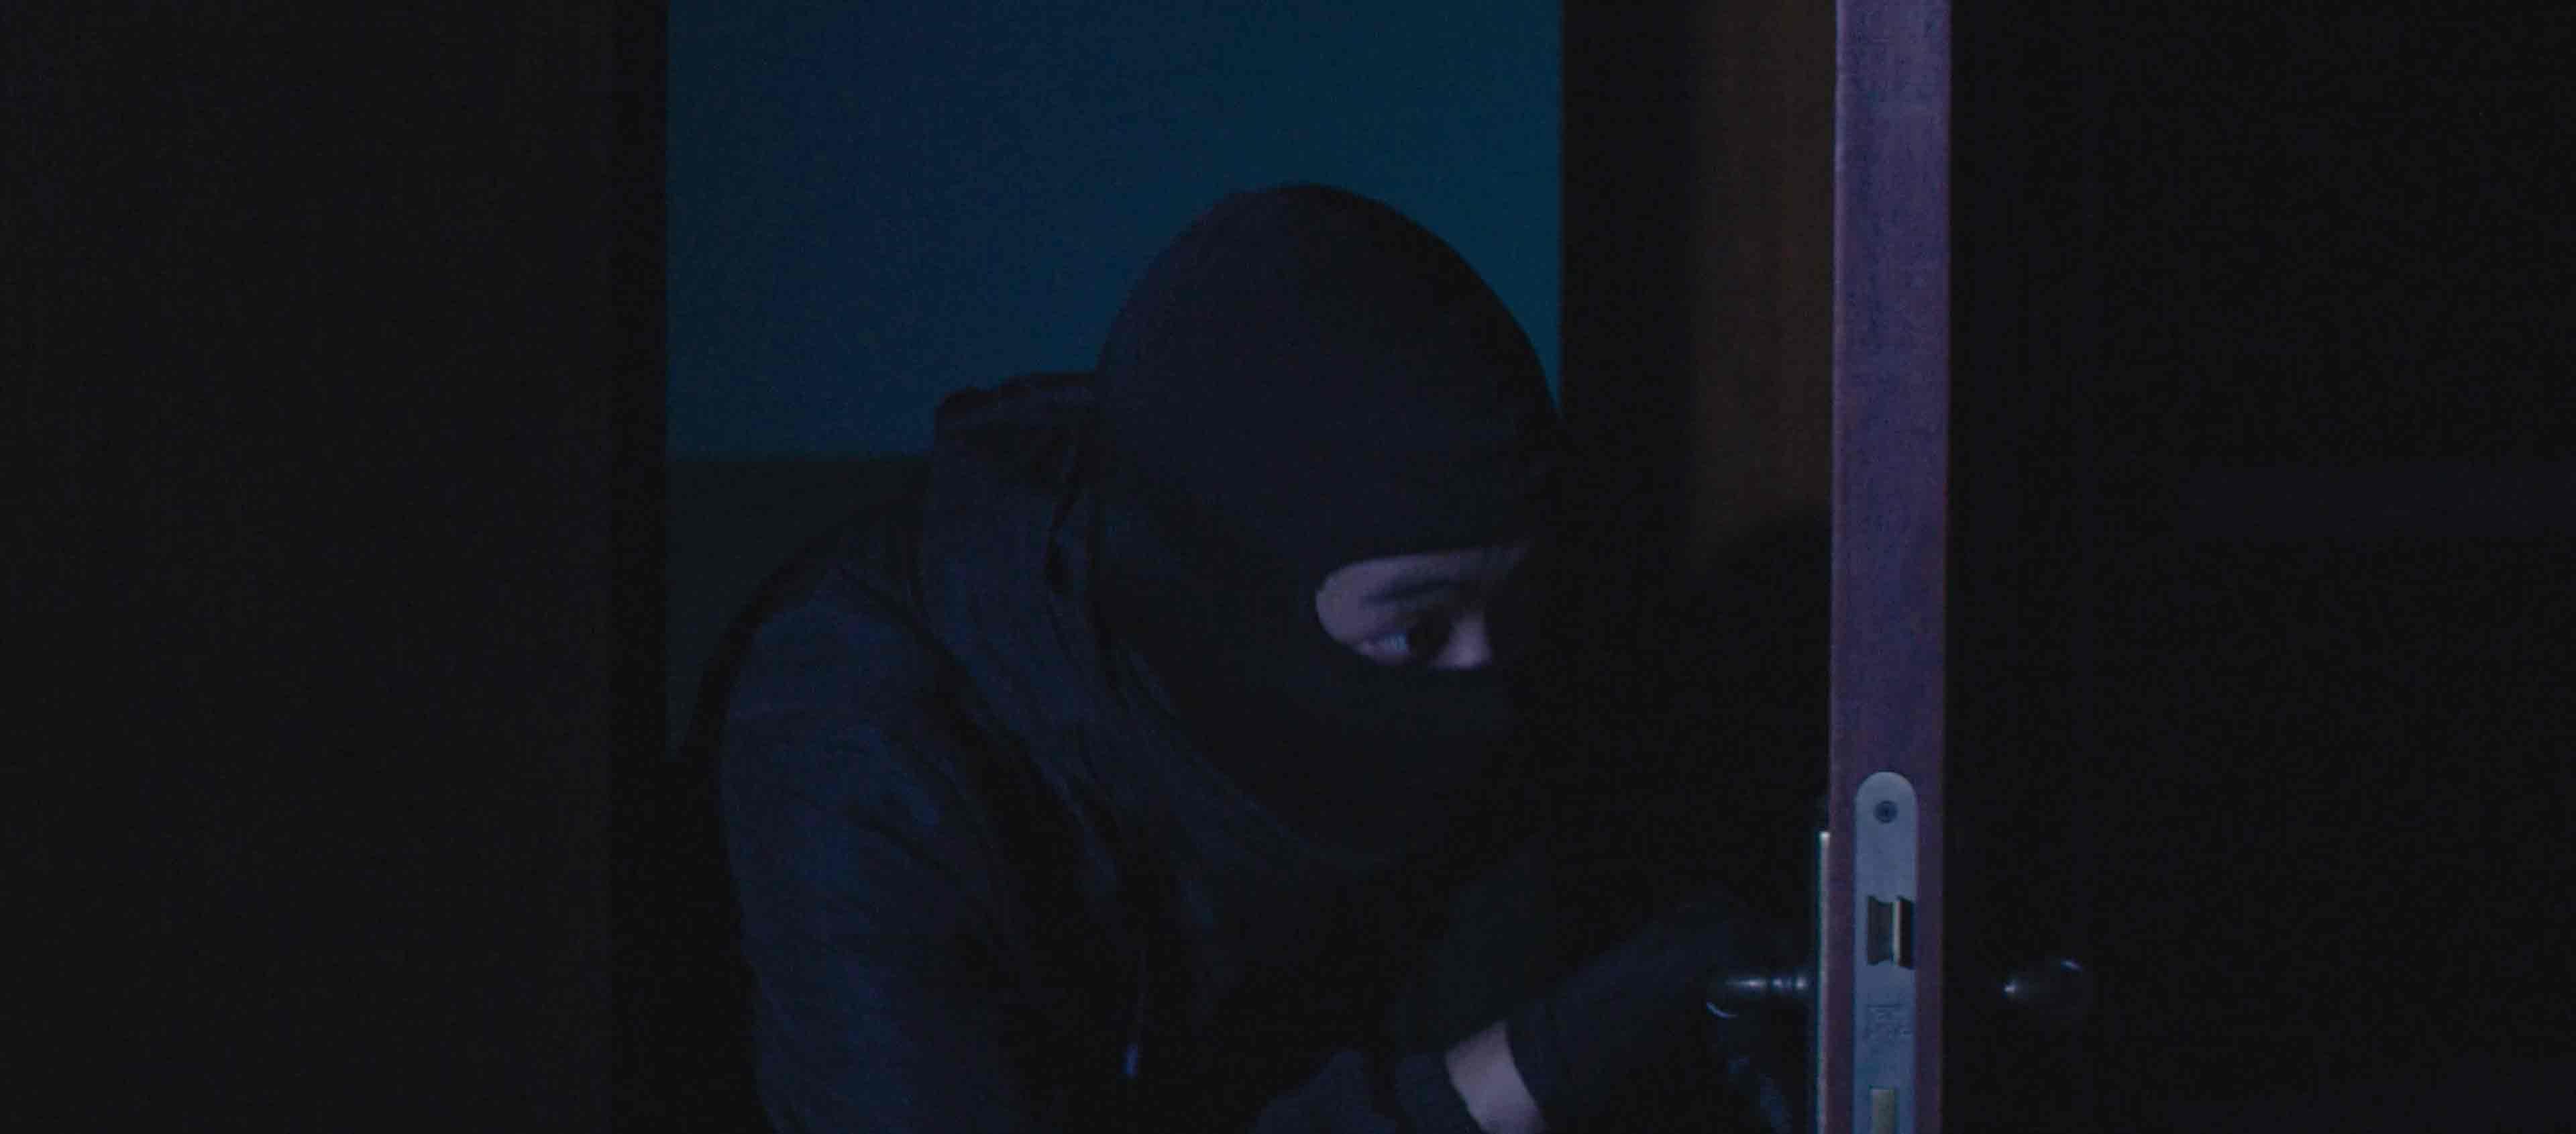 太天真!小偷盗窃发现有监控,竟把摄像头遮住还销毁了它......